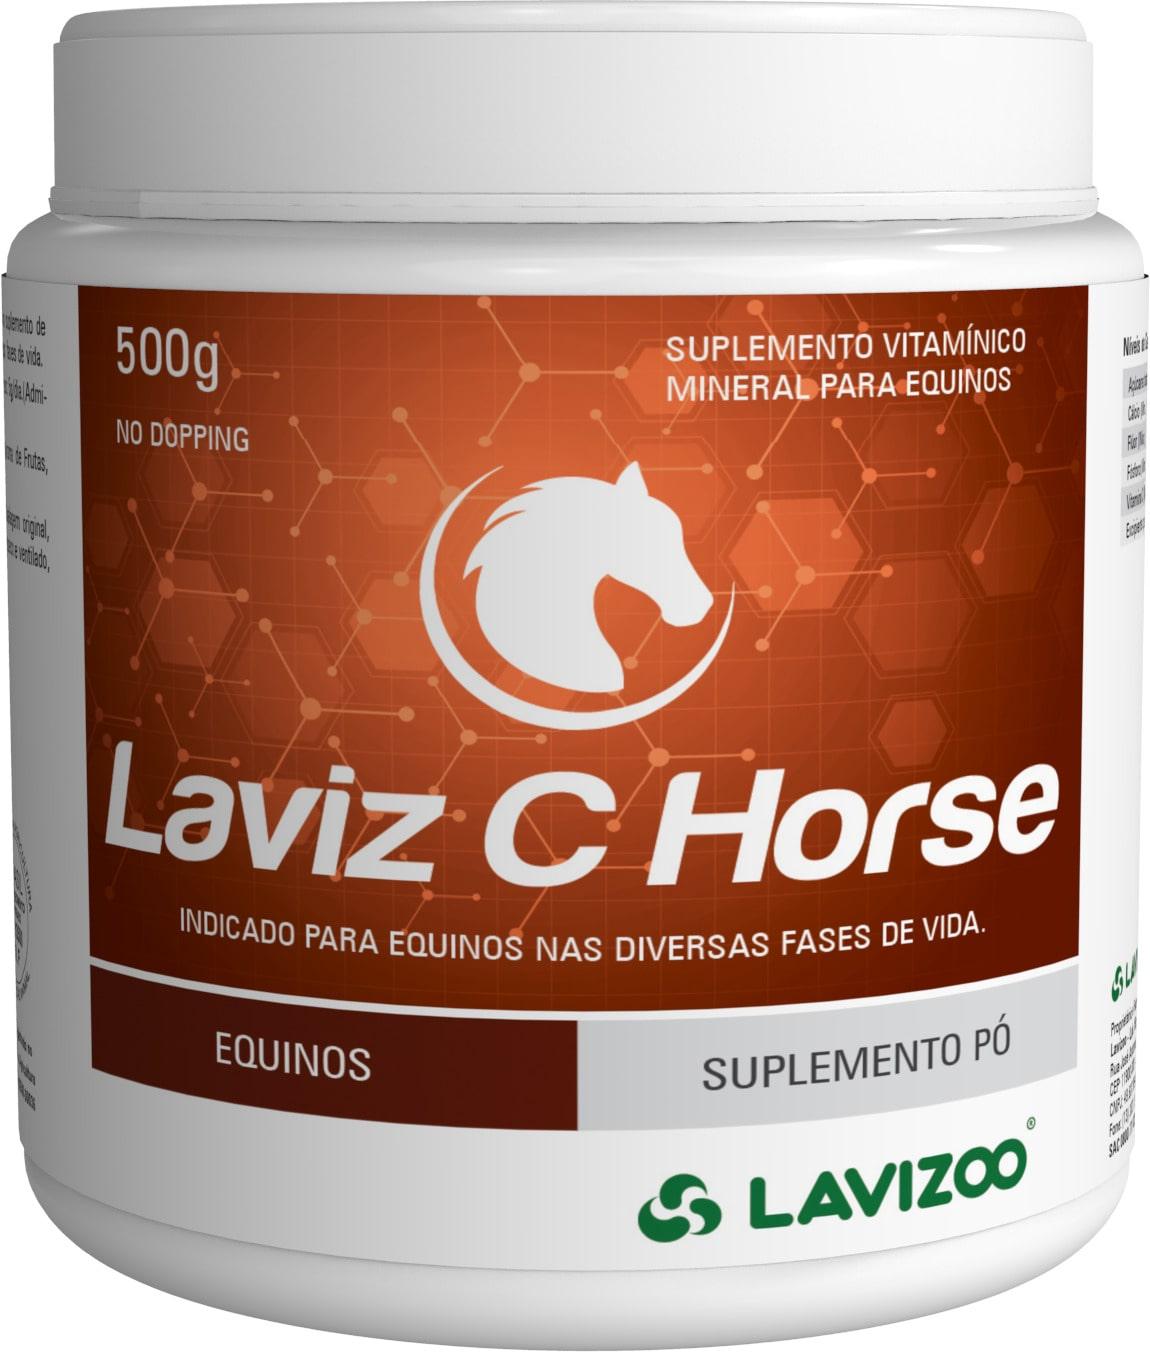 Laviz C Horse 500gr Lavizoo - Suplemento Vitamínico para Equinos